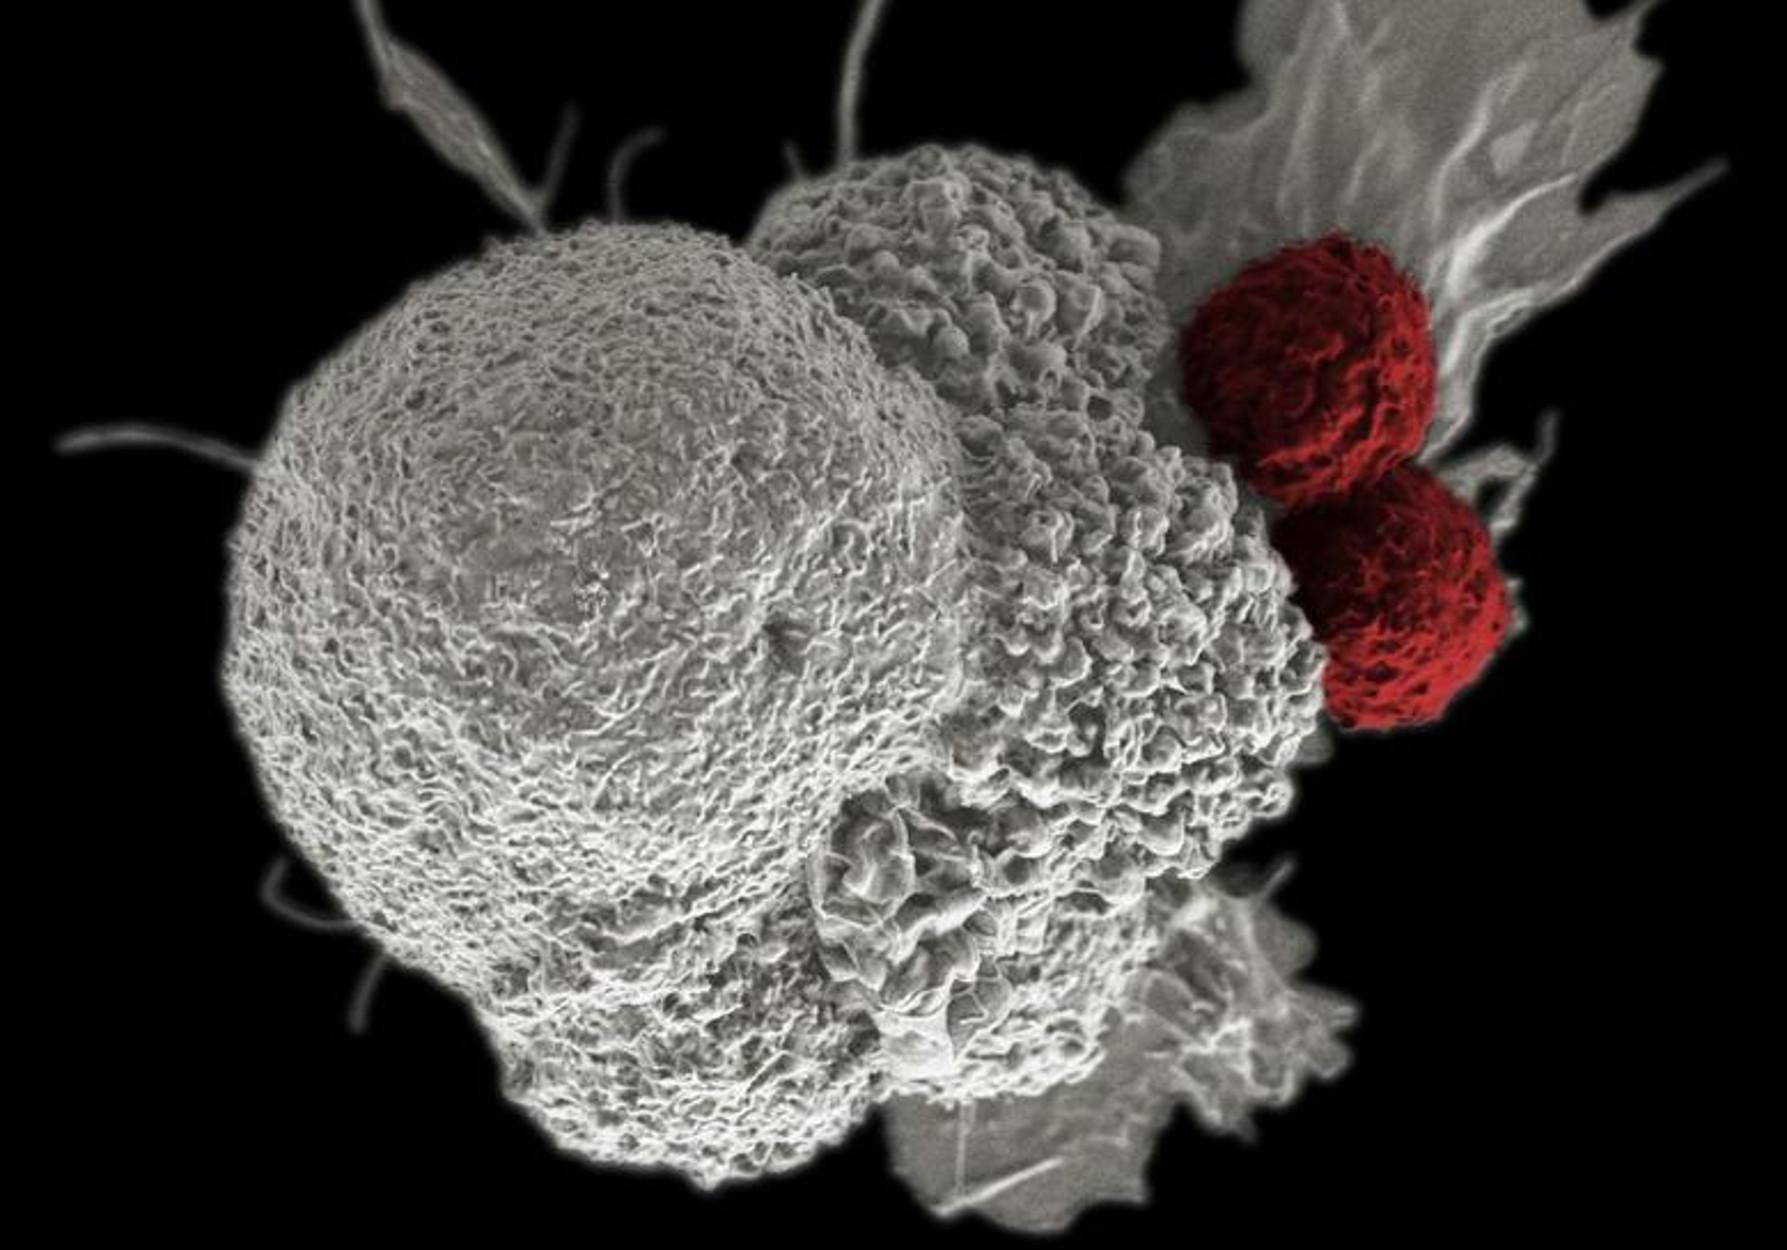 Θεραπεία του καρκίνου του εγκεφάλου με ελληνική «σφραγίδα»